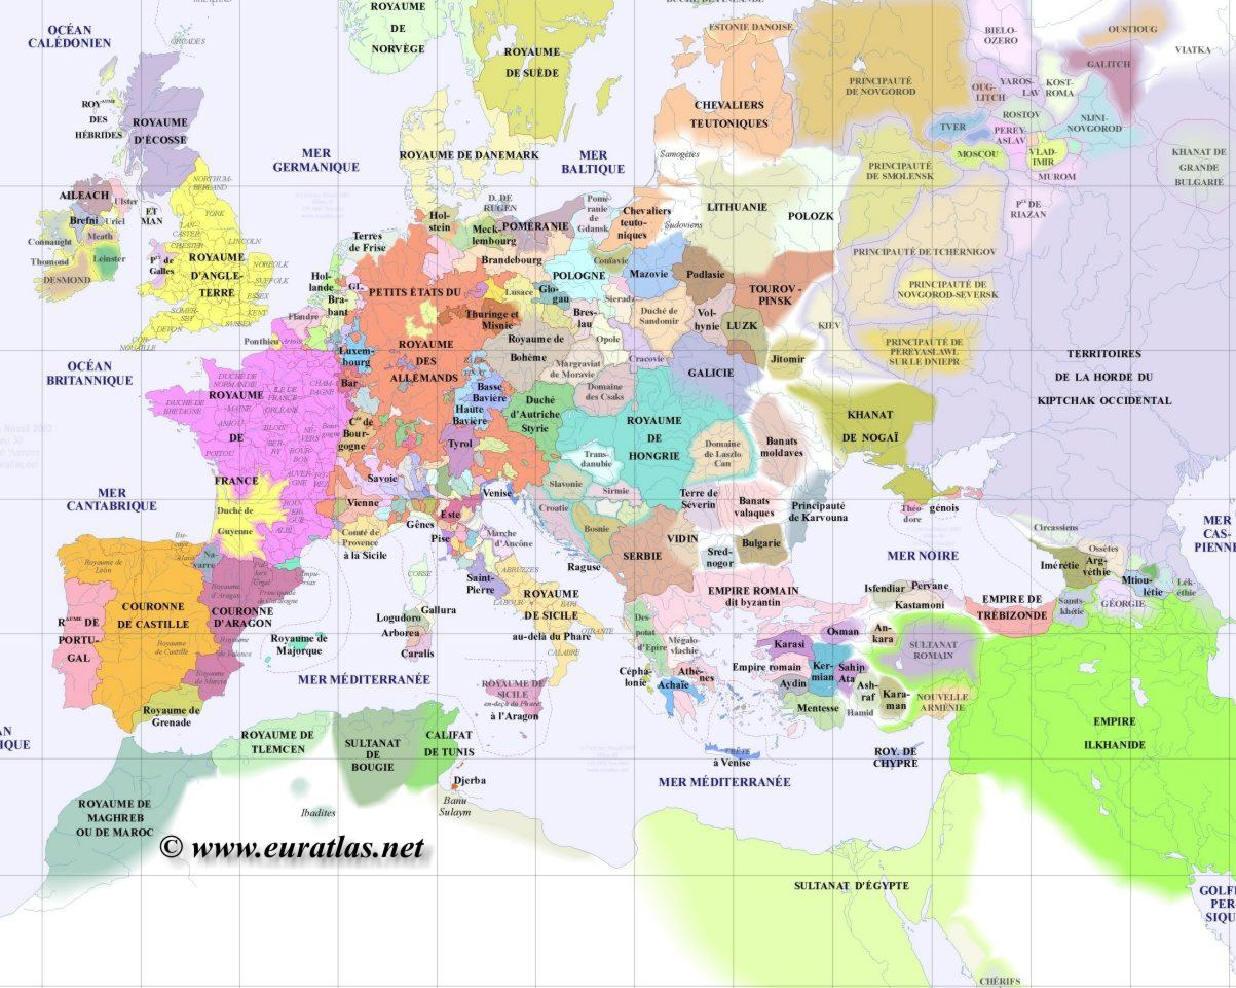 corfou-carte-du-monde - Photo